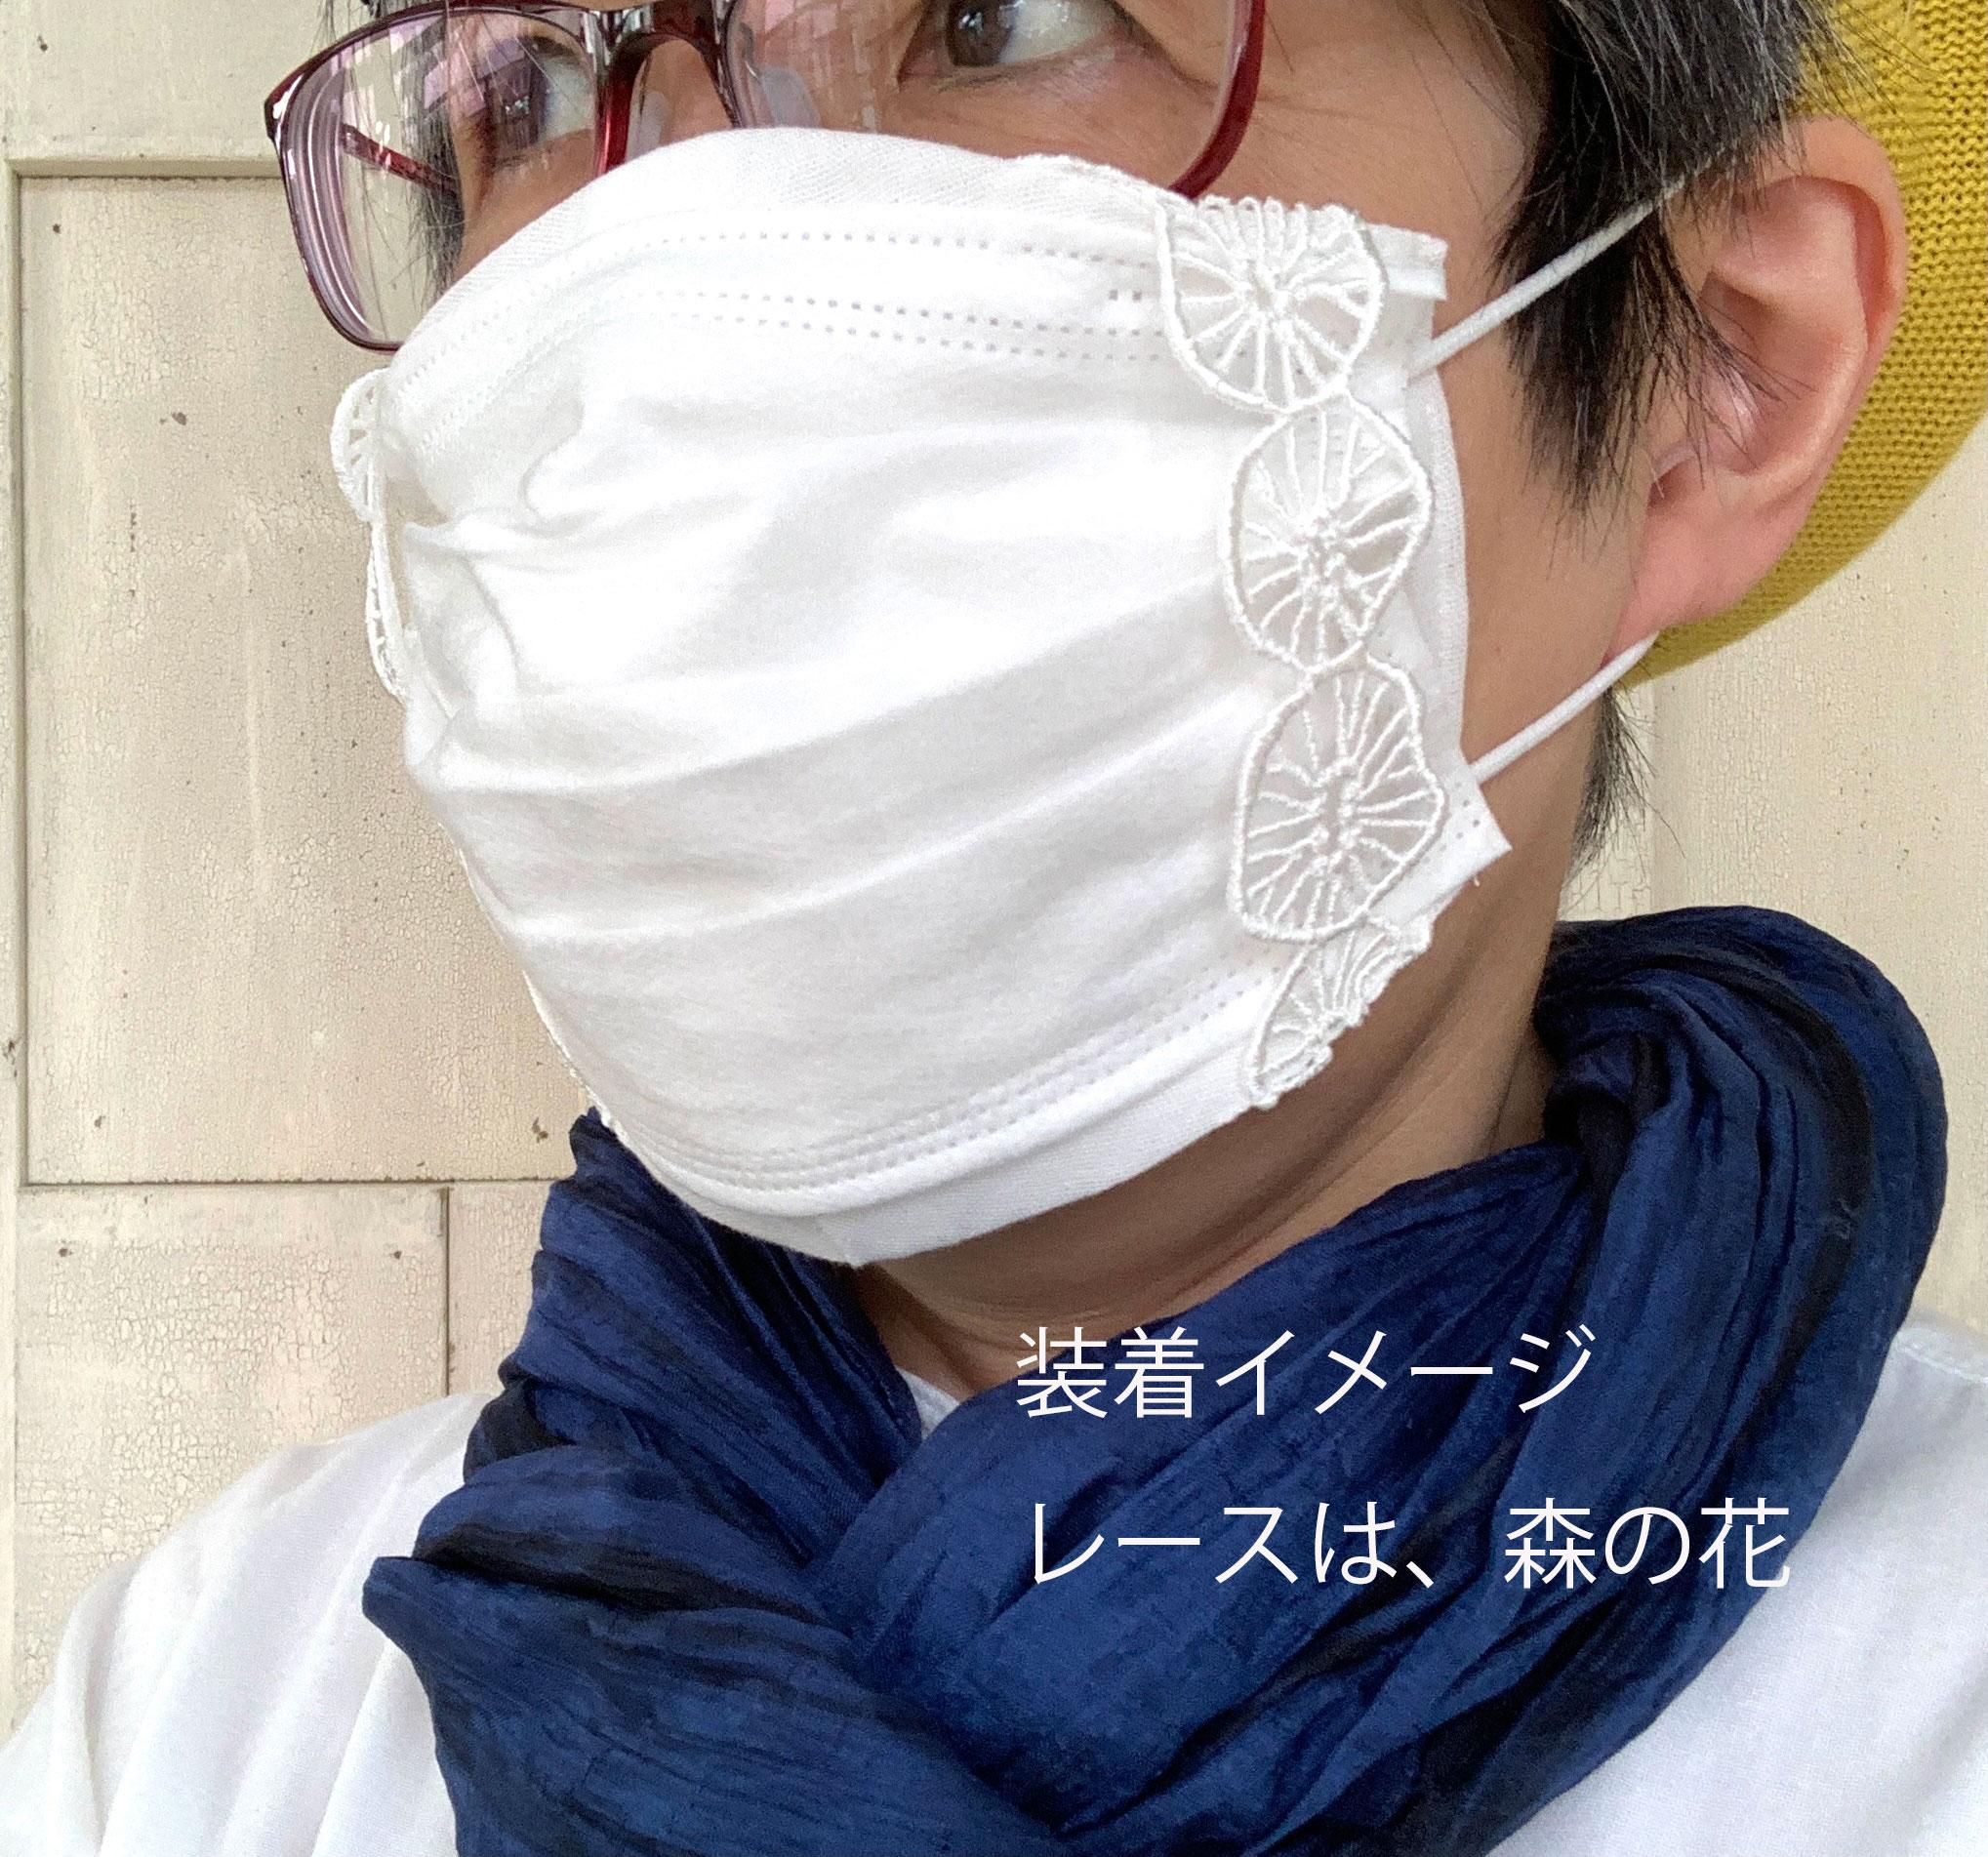 インナーマスクカバー「はな」 不織布マスクの下にするガーゼのゴムなしマスクカバーです